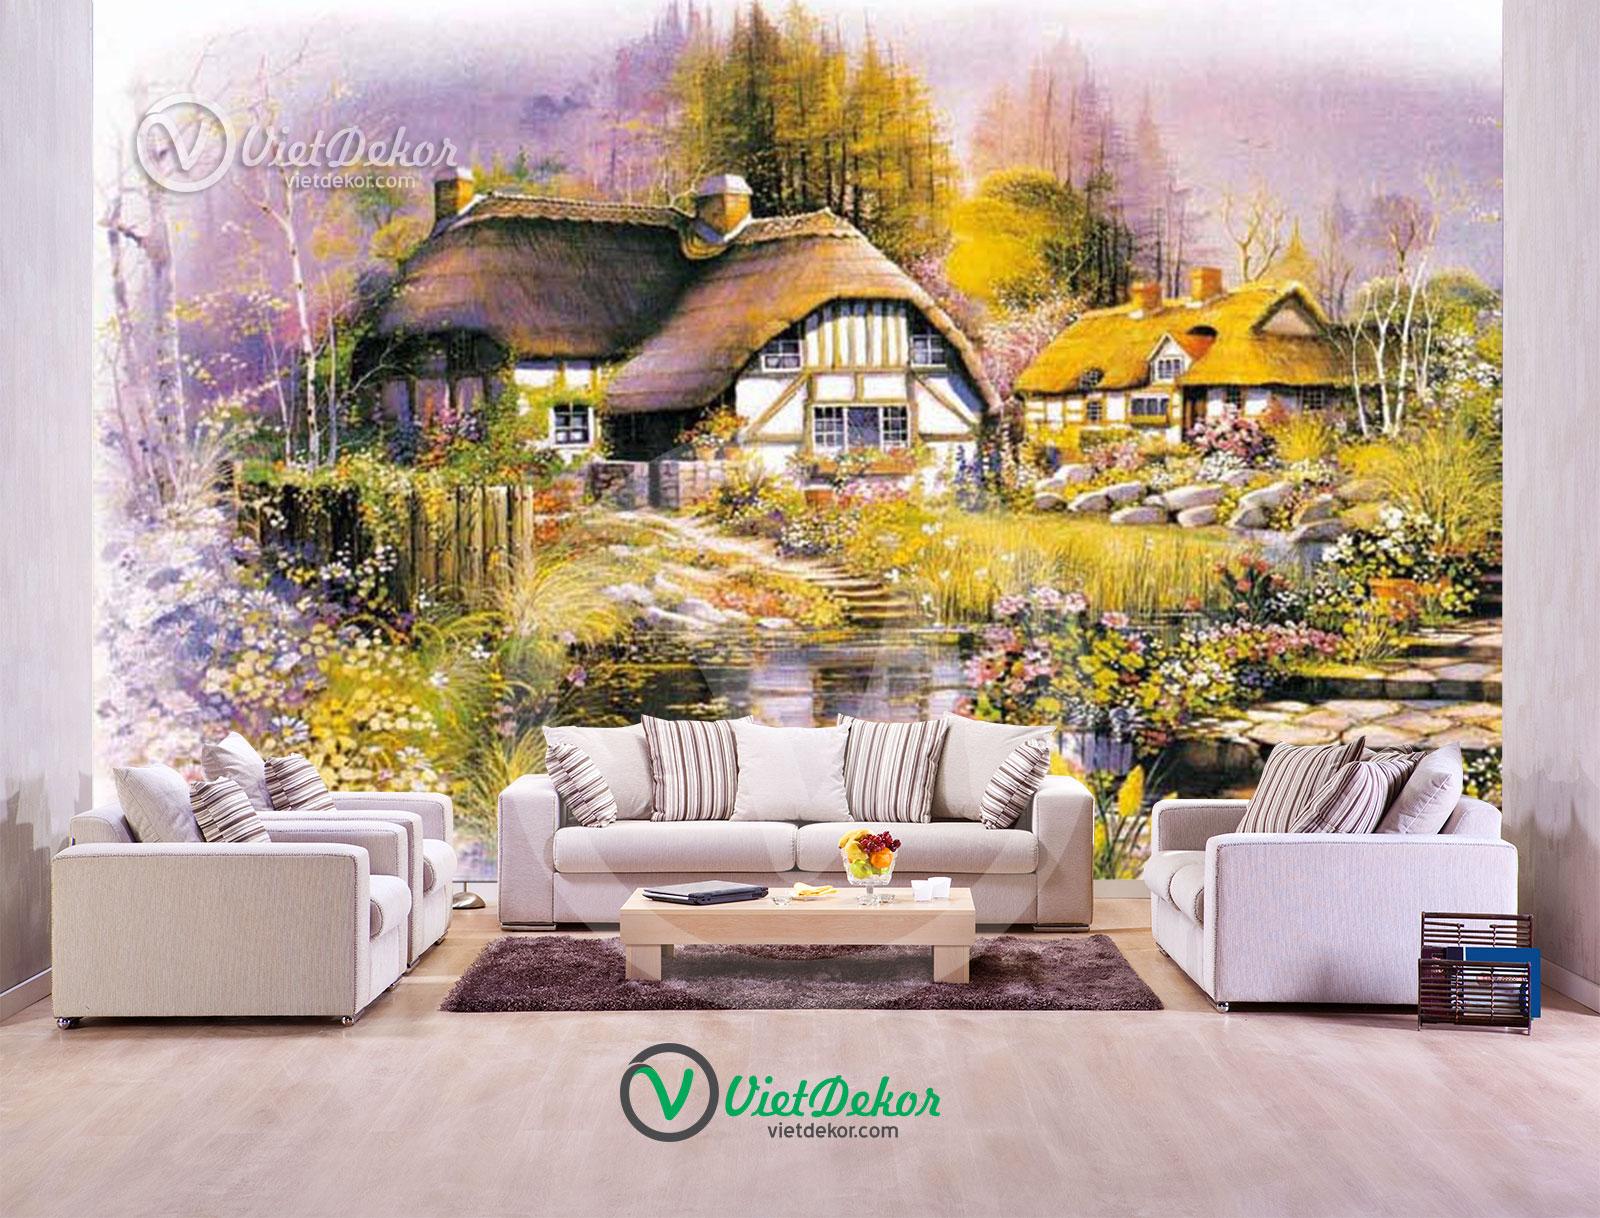 Tranh 3d phong cảnh làng quê